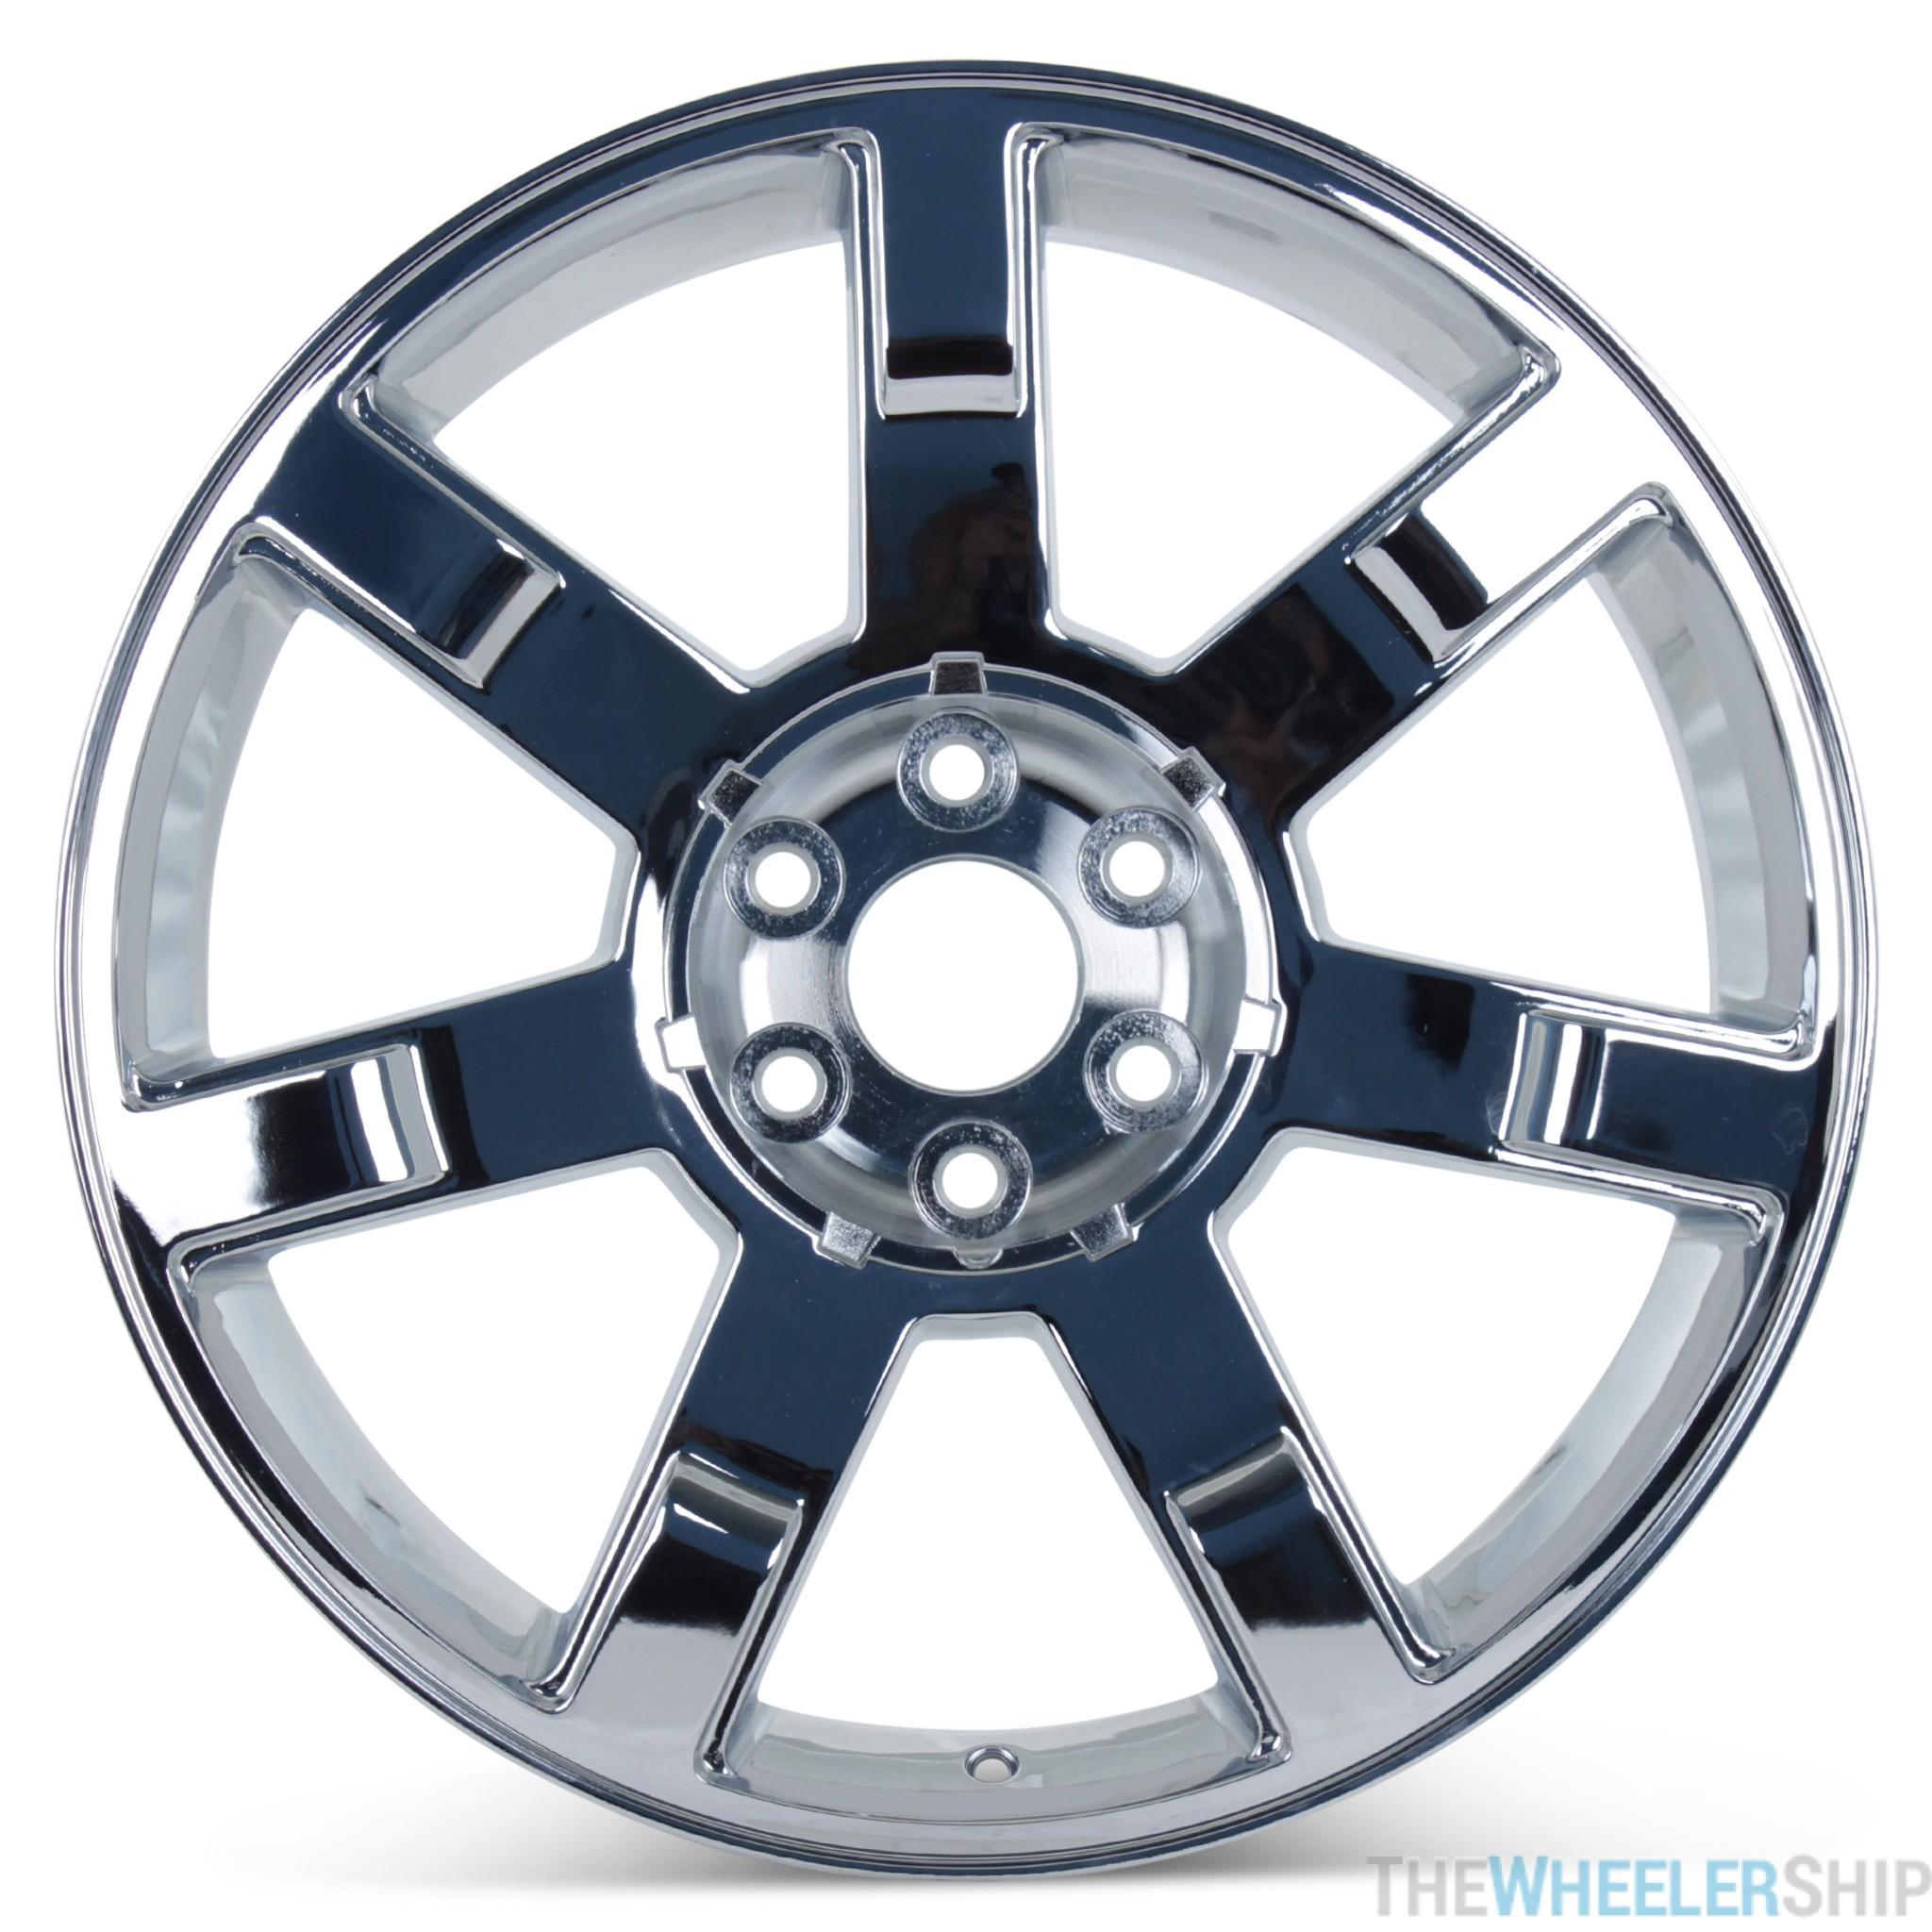 2007-2013 Cadillac Escalade Wheels